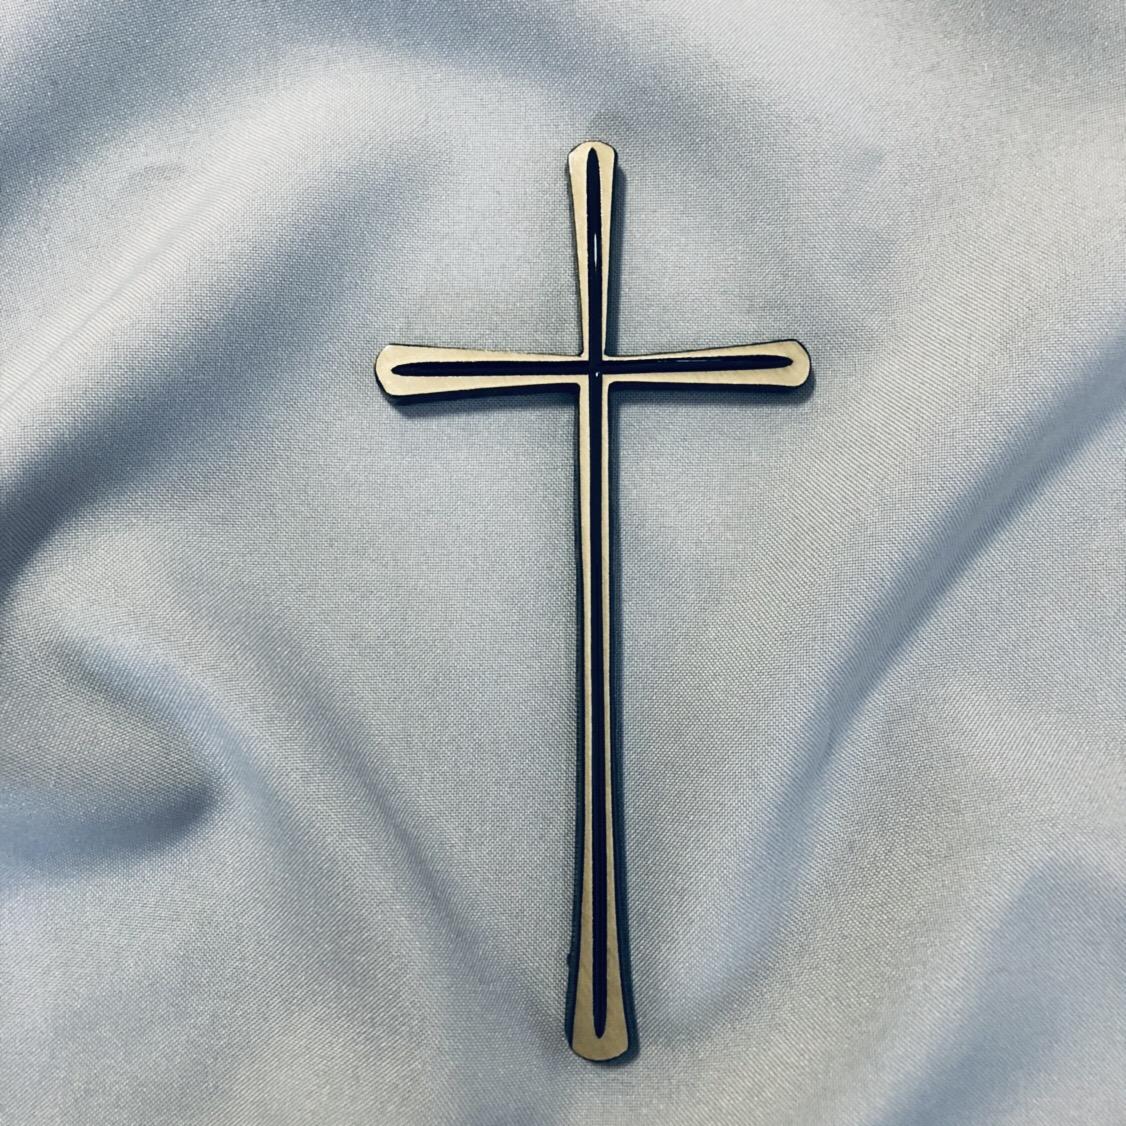 выбор католический крест фото три